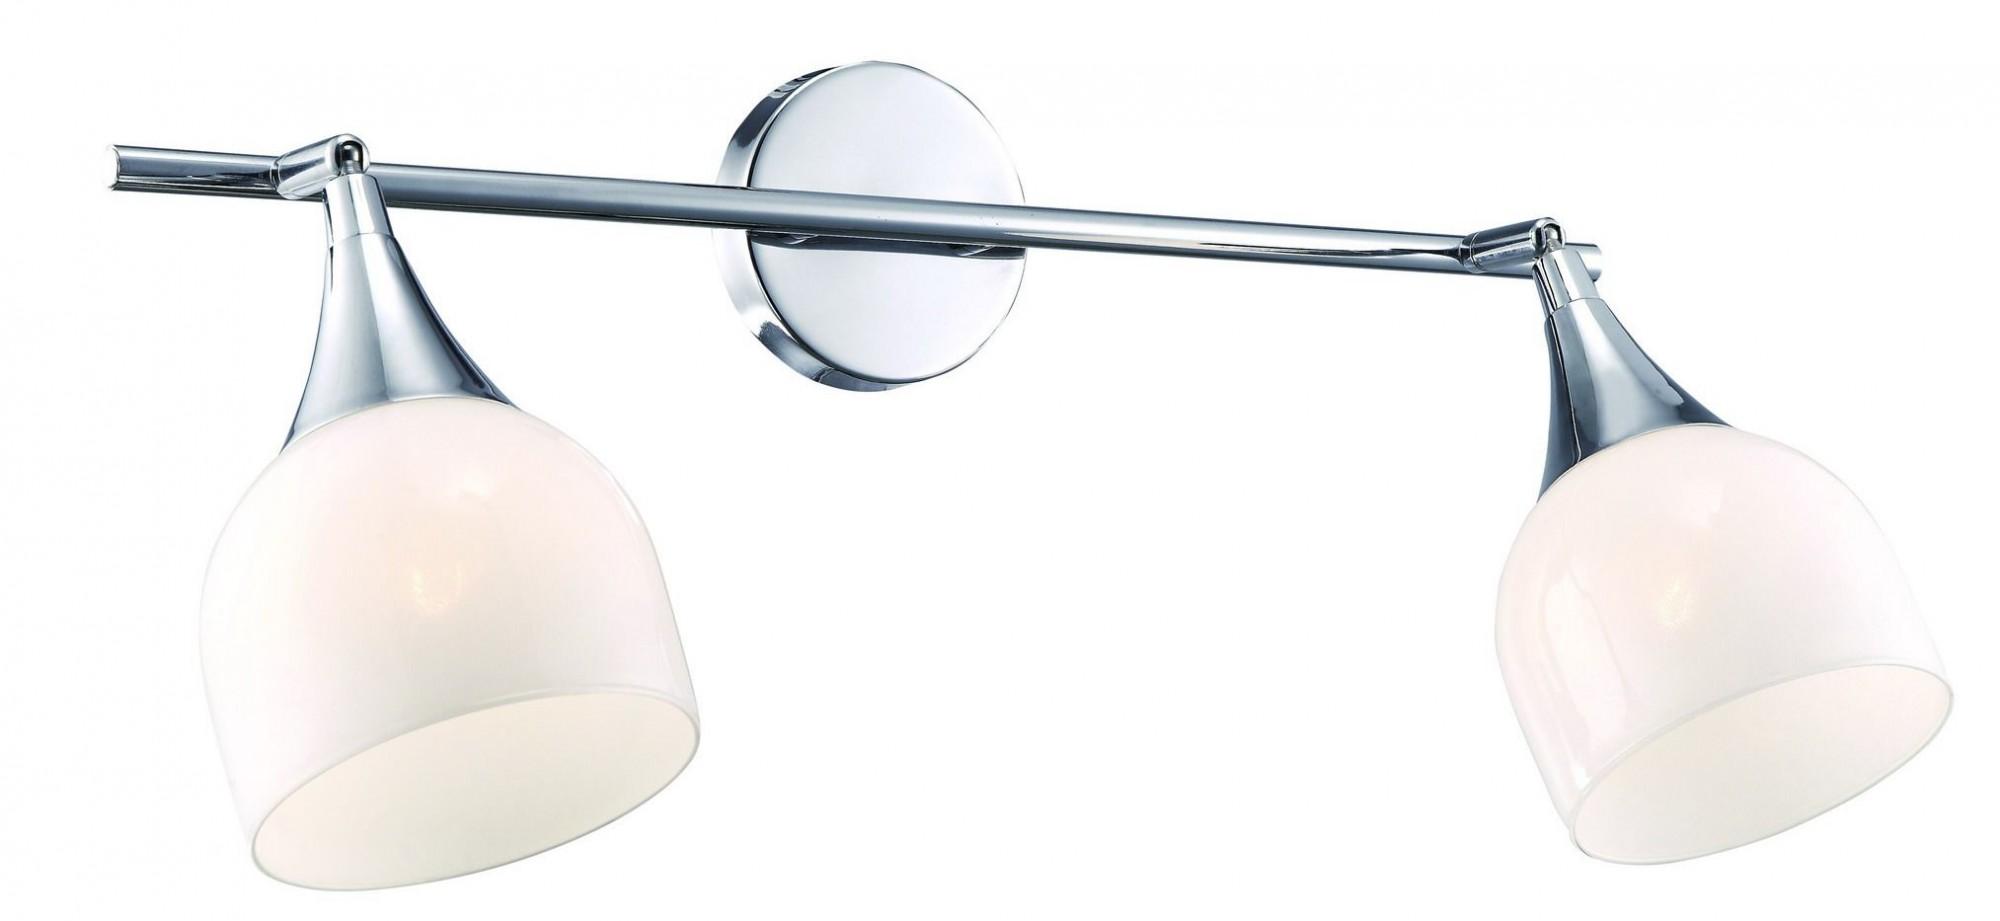 Фото товара A9556AP-2CC Arte Lamp